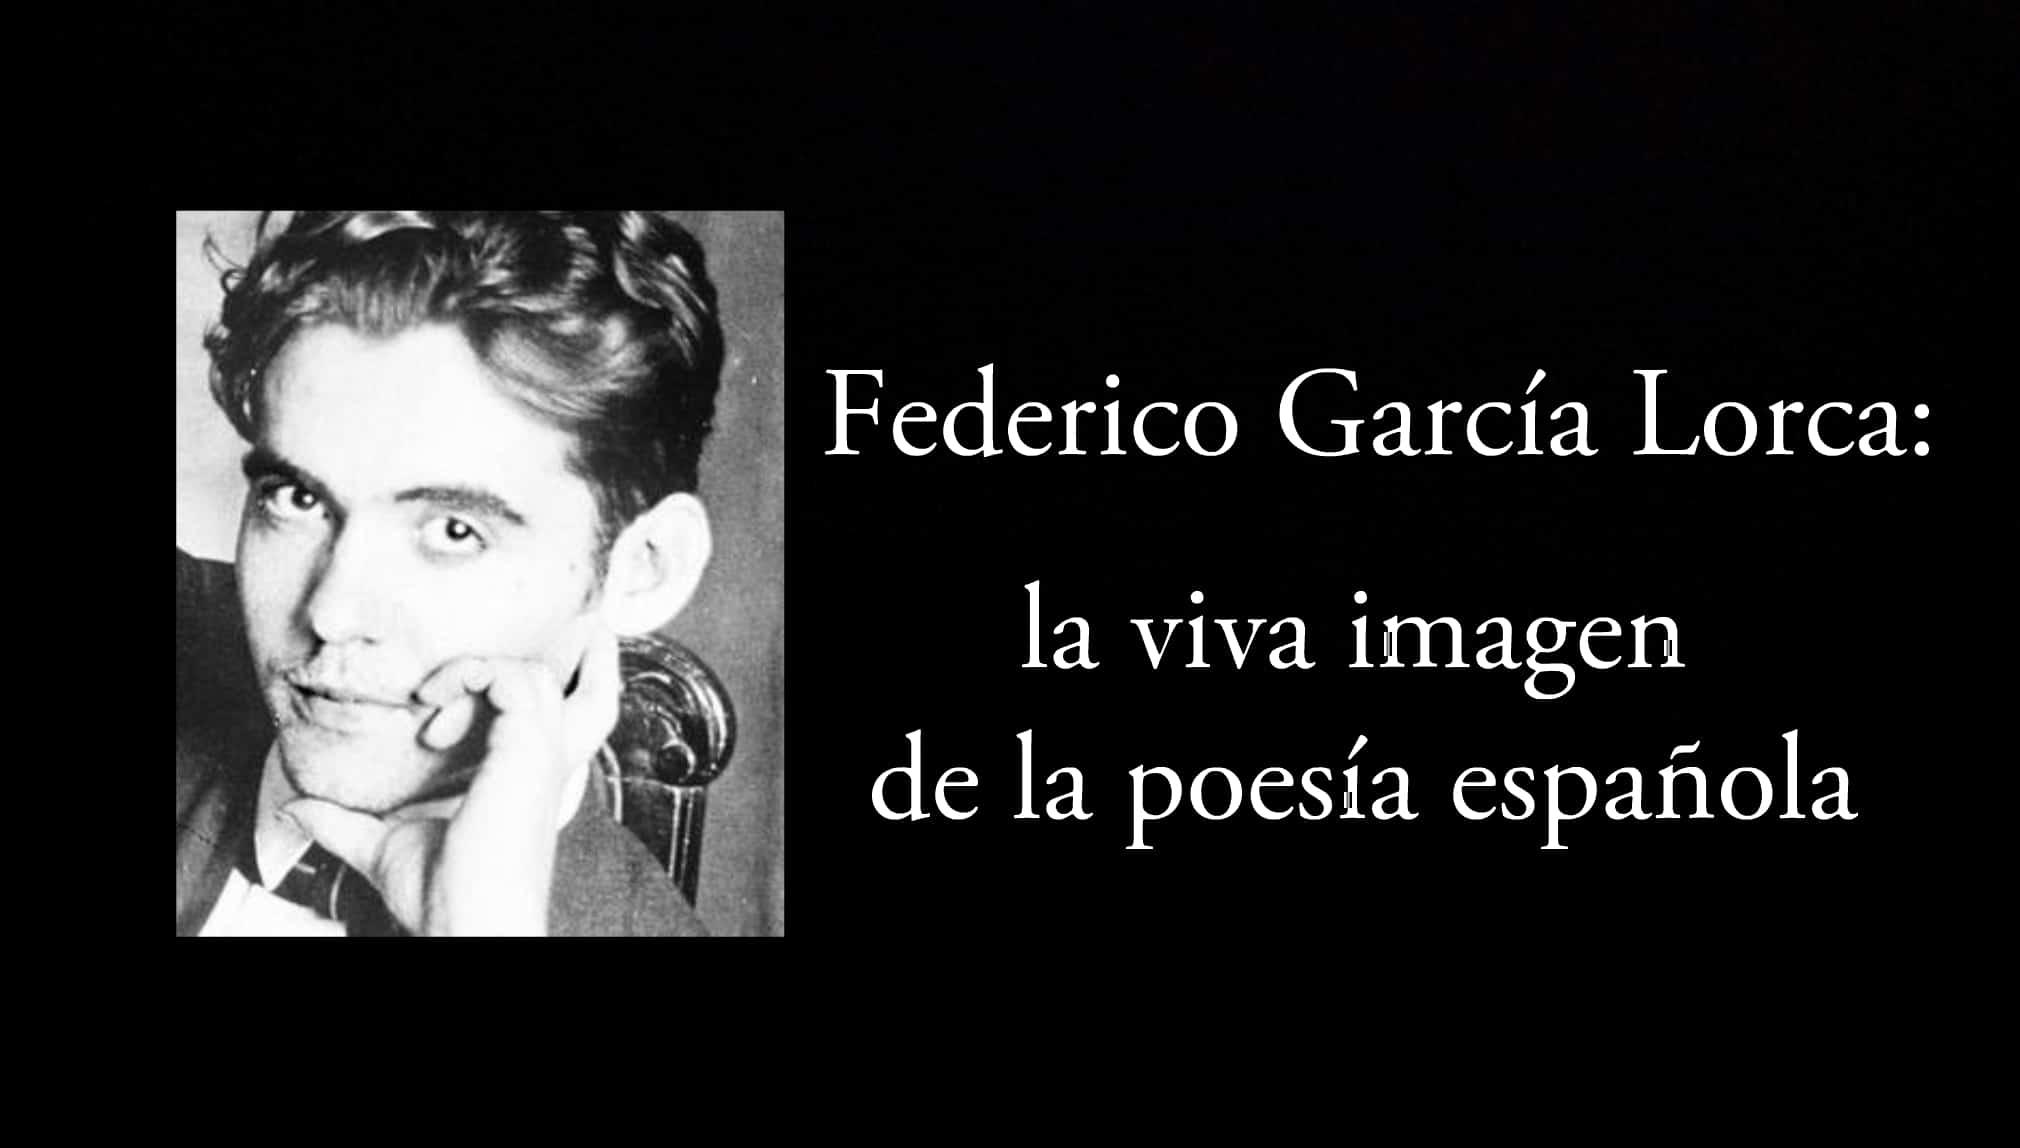 Federico García Lorca: la viva imagen de la poesía española.